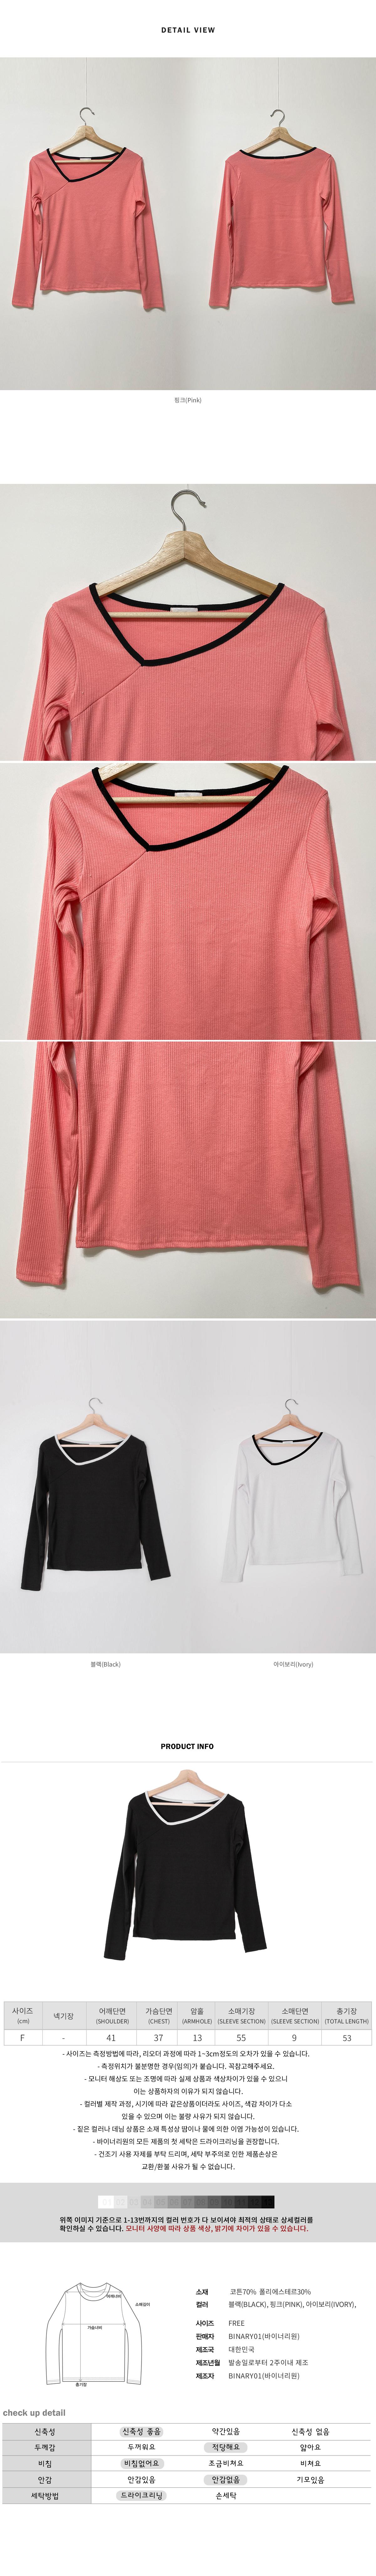 Square Juicy Uncut T-Shirt